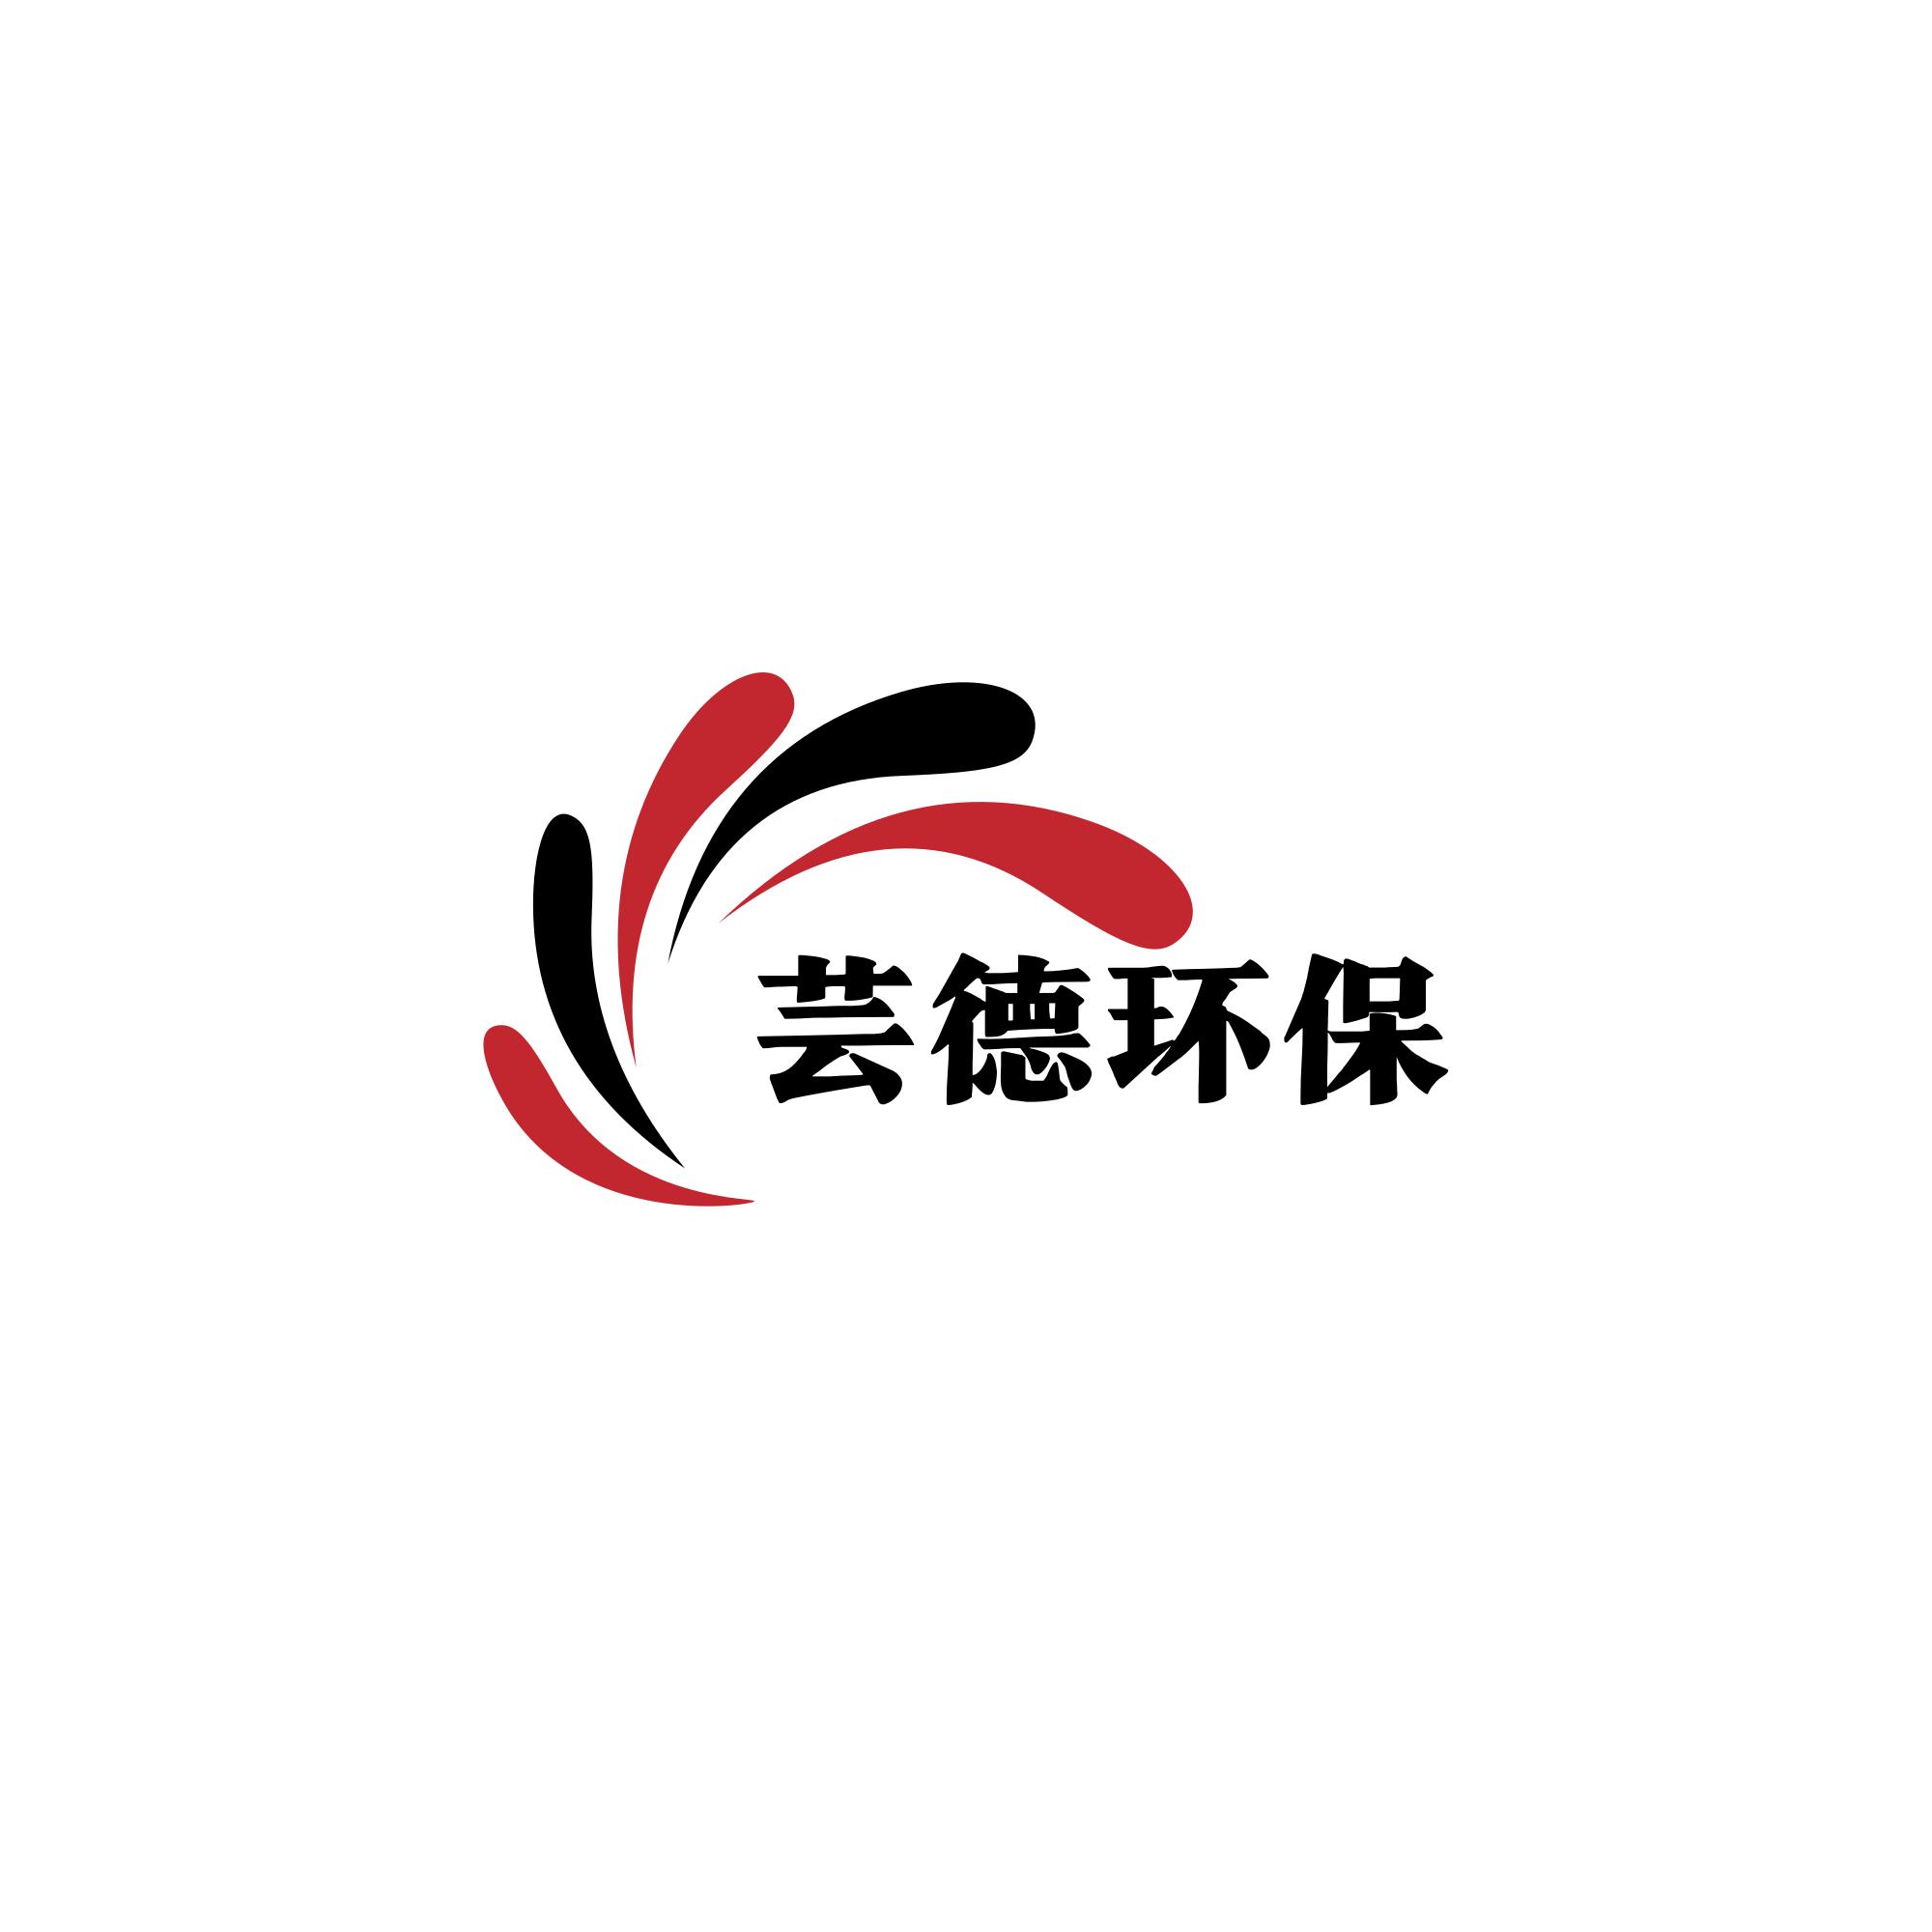 太仓芸德环保科技有限公司